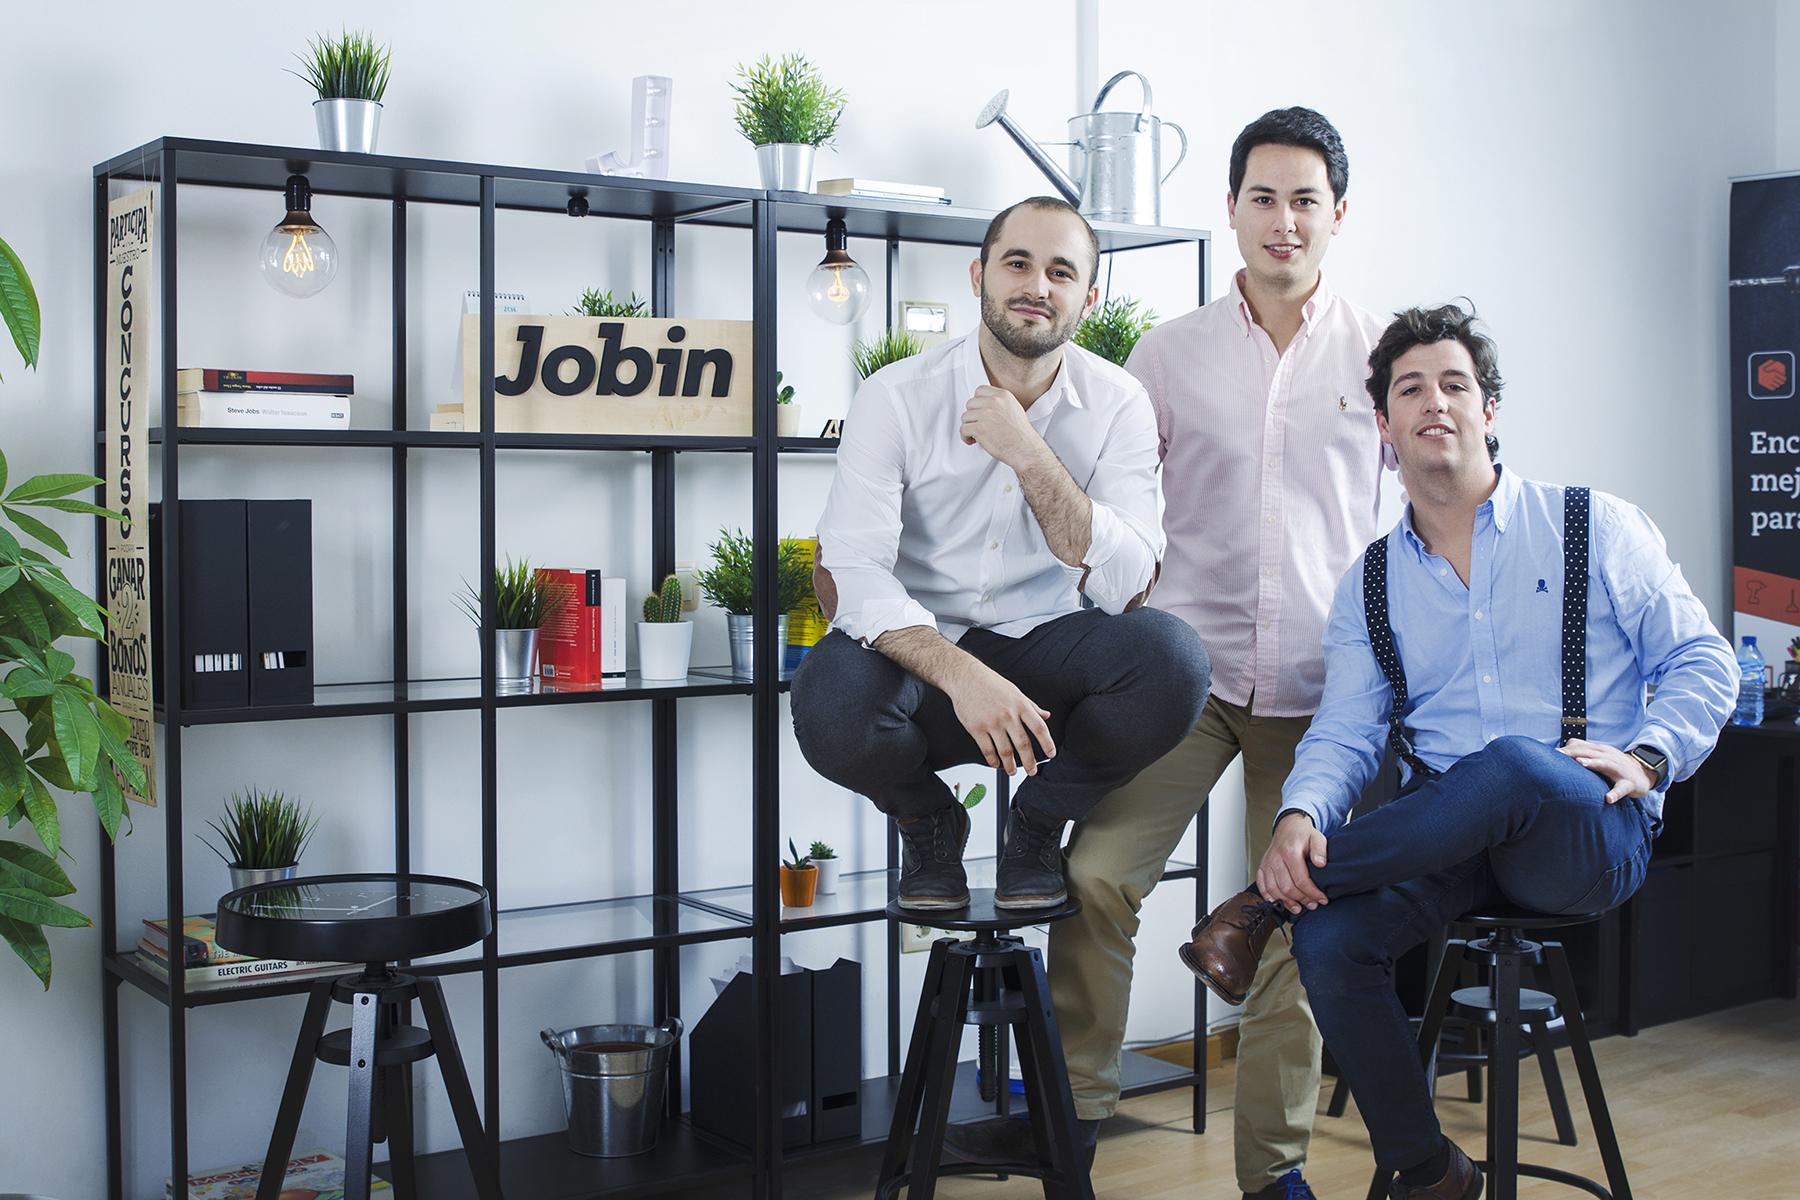 Jobinapp spanish startup